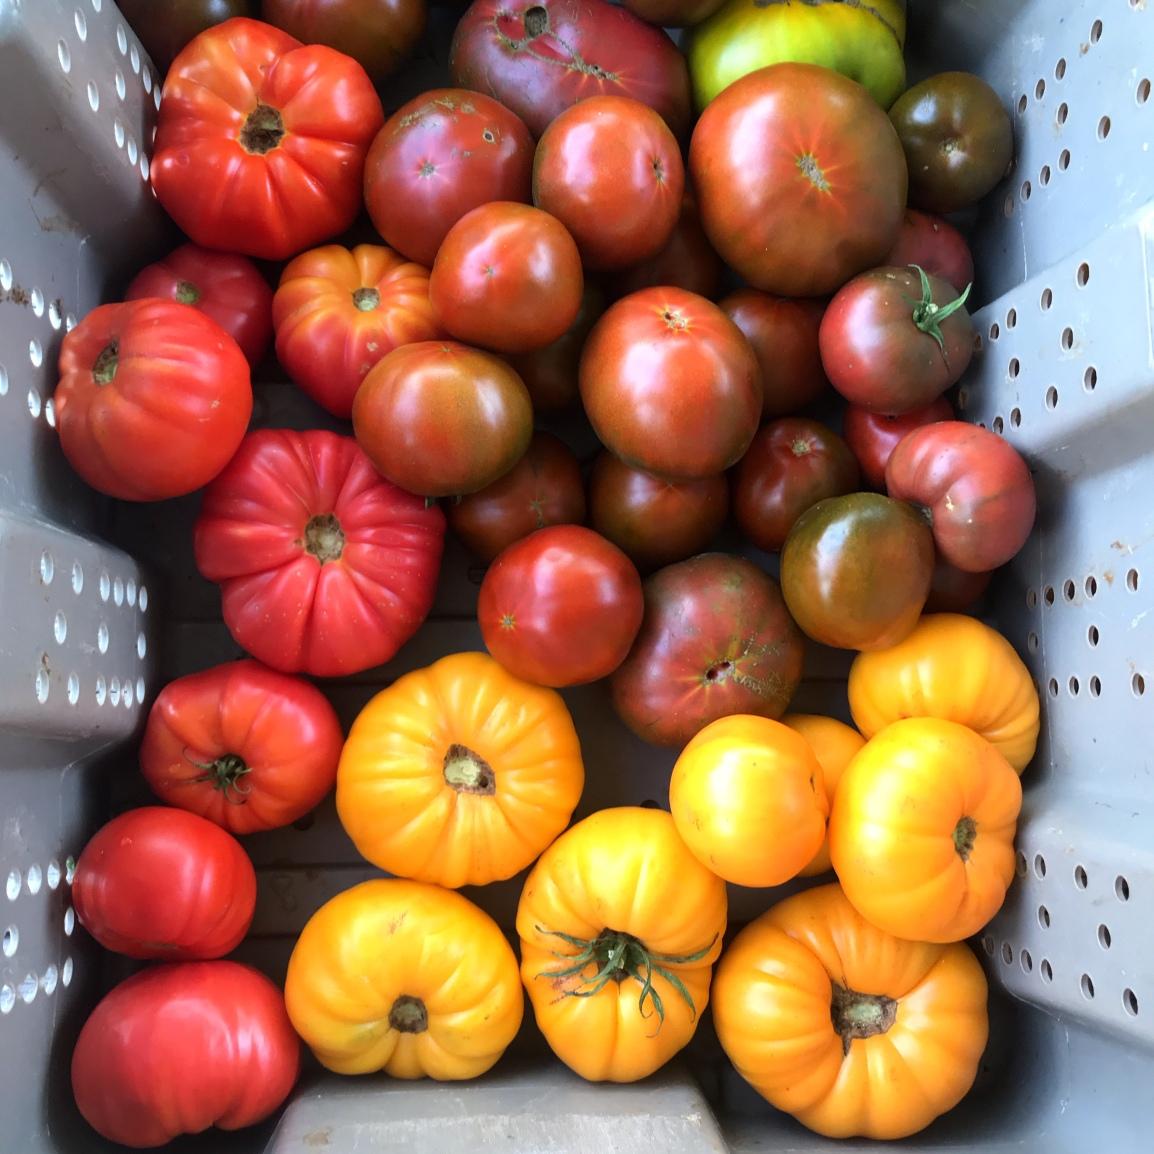 Wednesday ARTfarm Produce Pickups 2/3/2021: RainbowSmiles